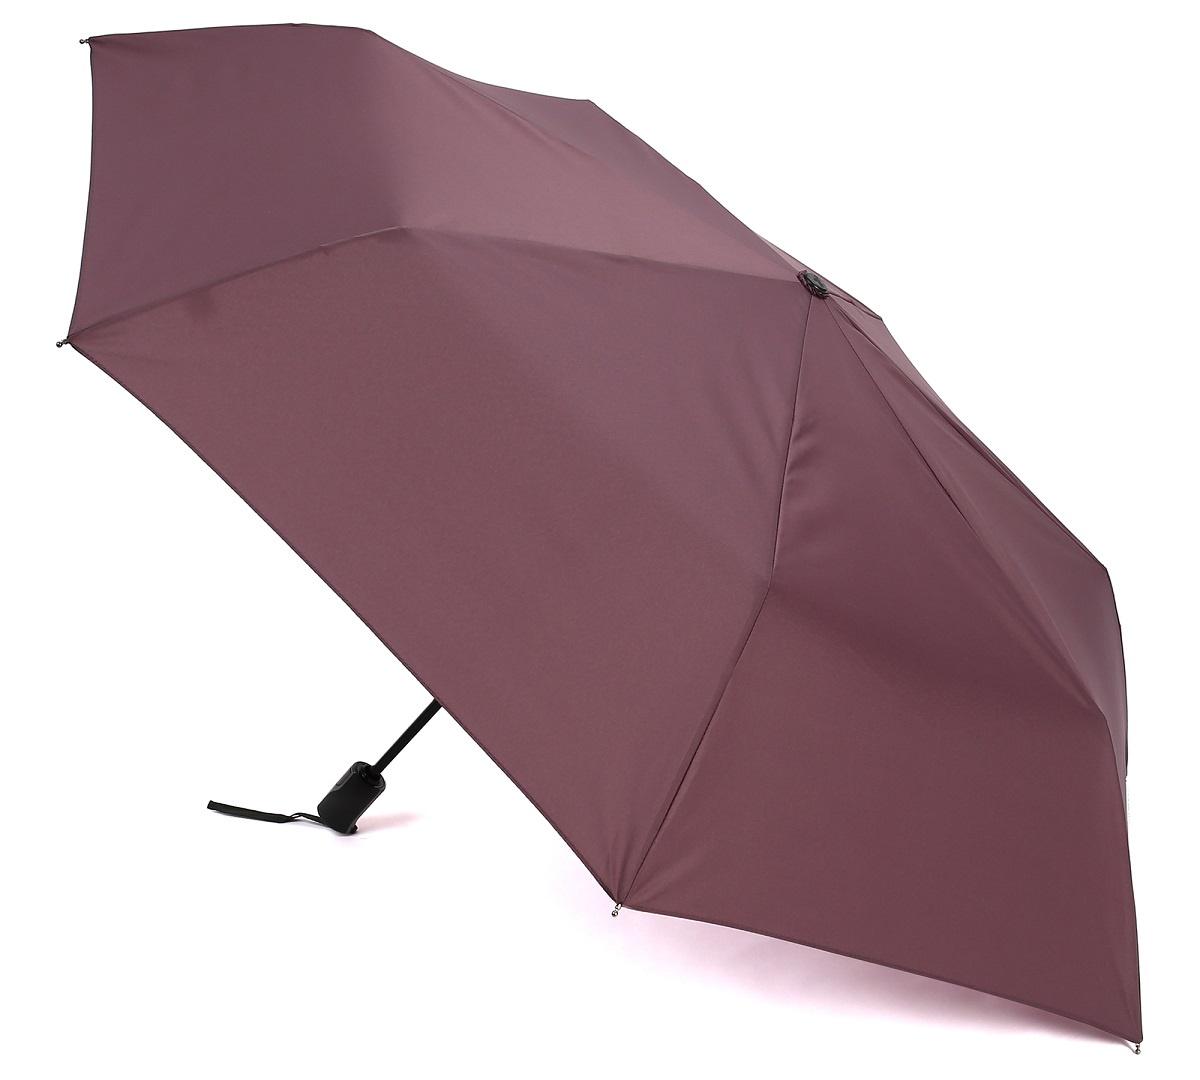 Зонт Три слона 365-D, бордовый